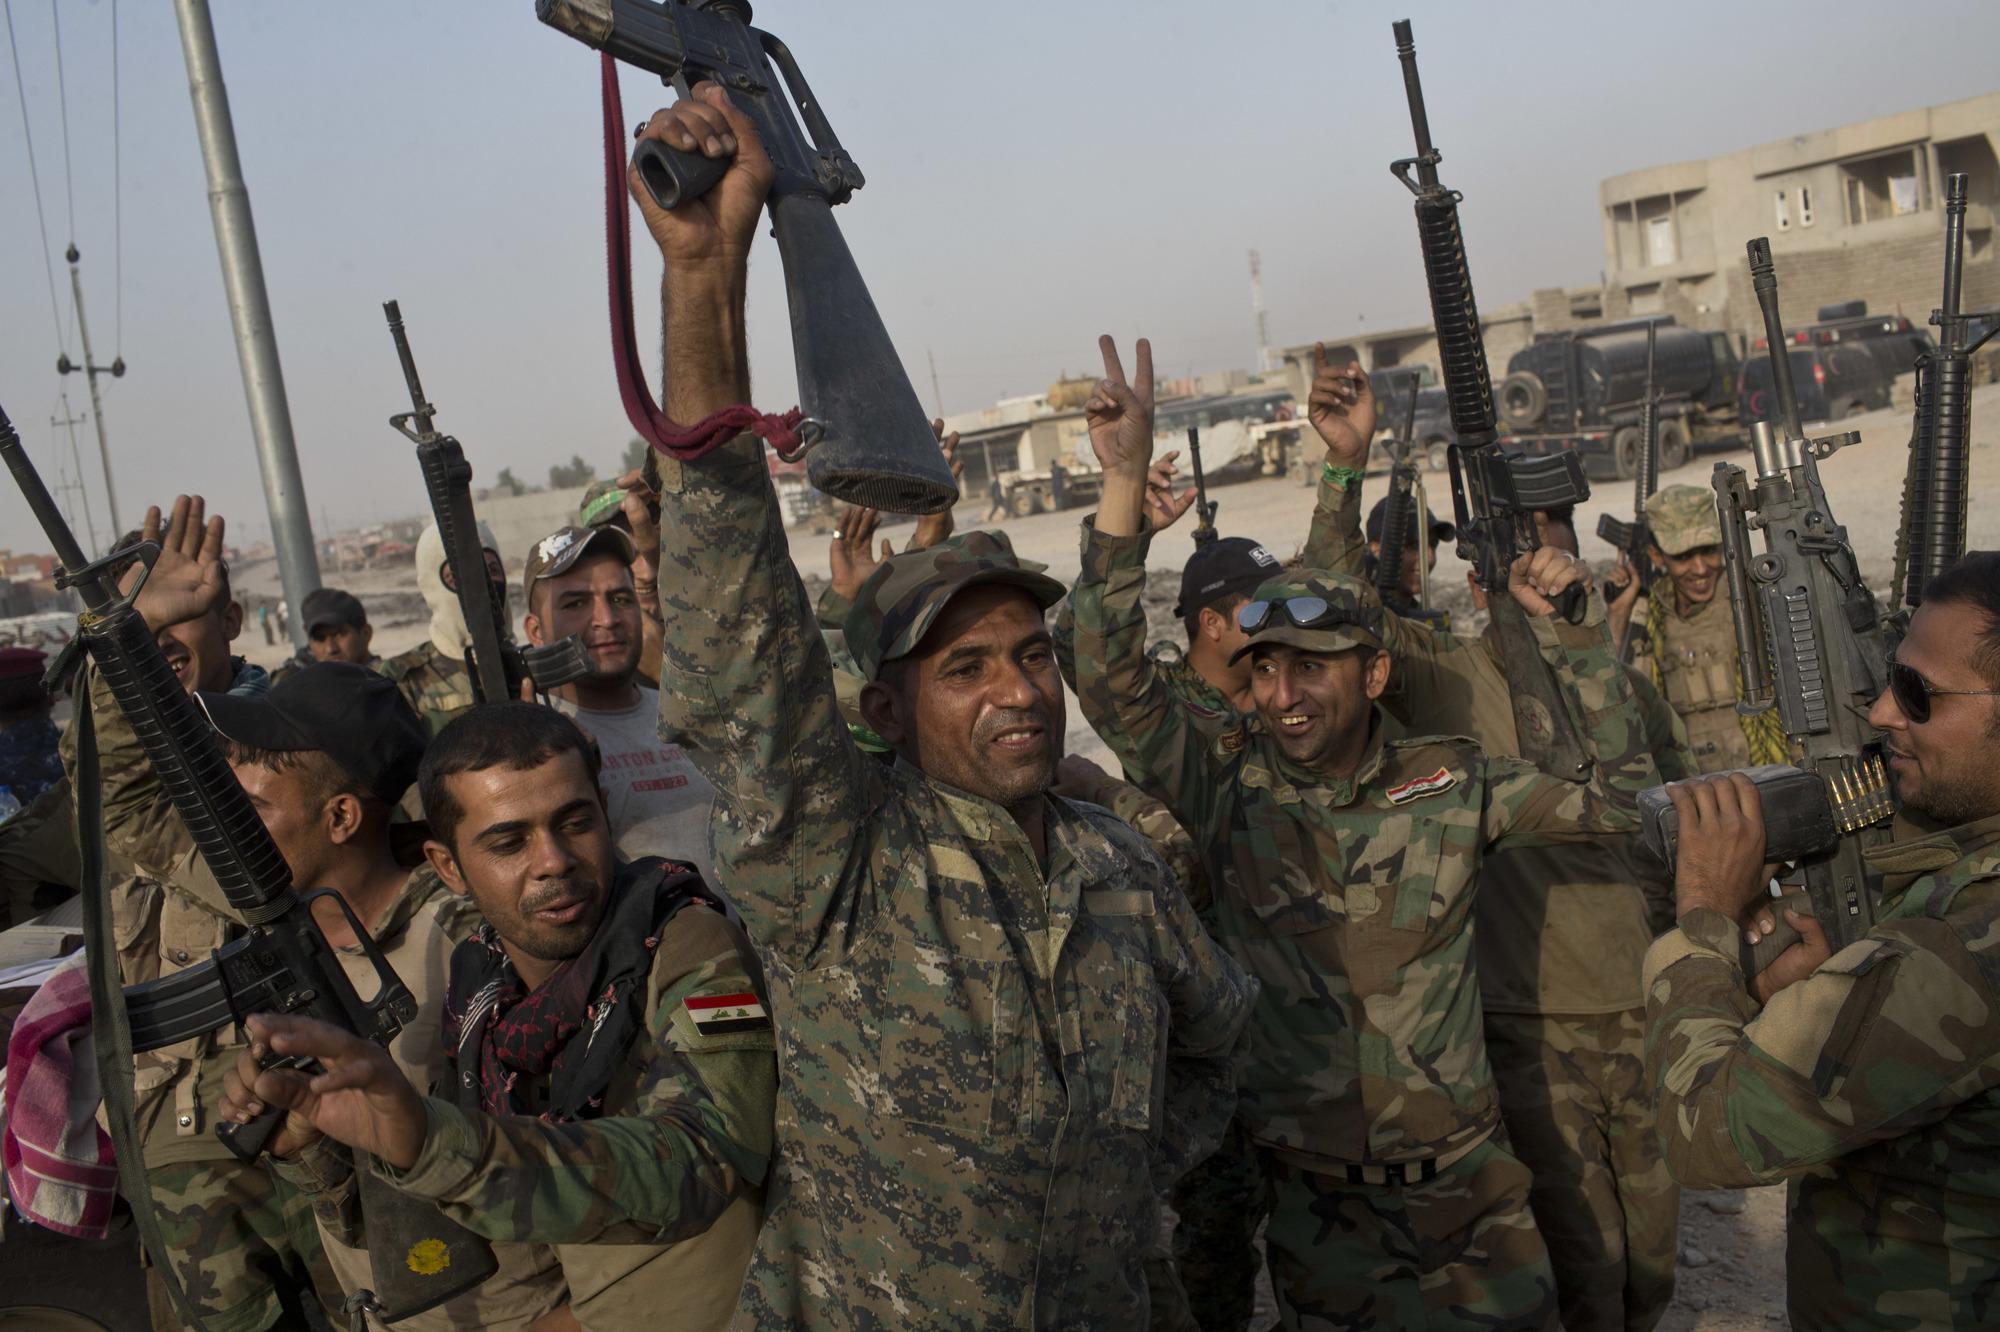 Солдаты иракской армии. Фото: Star Tribune